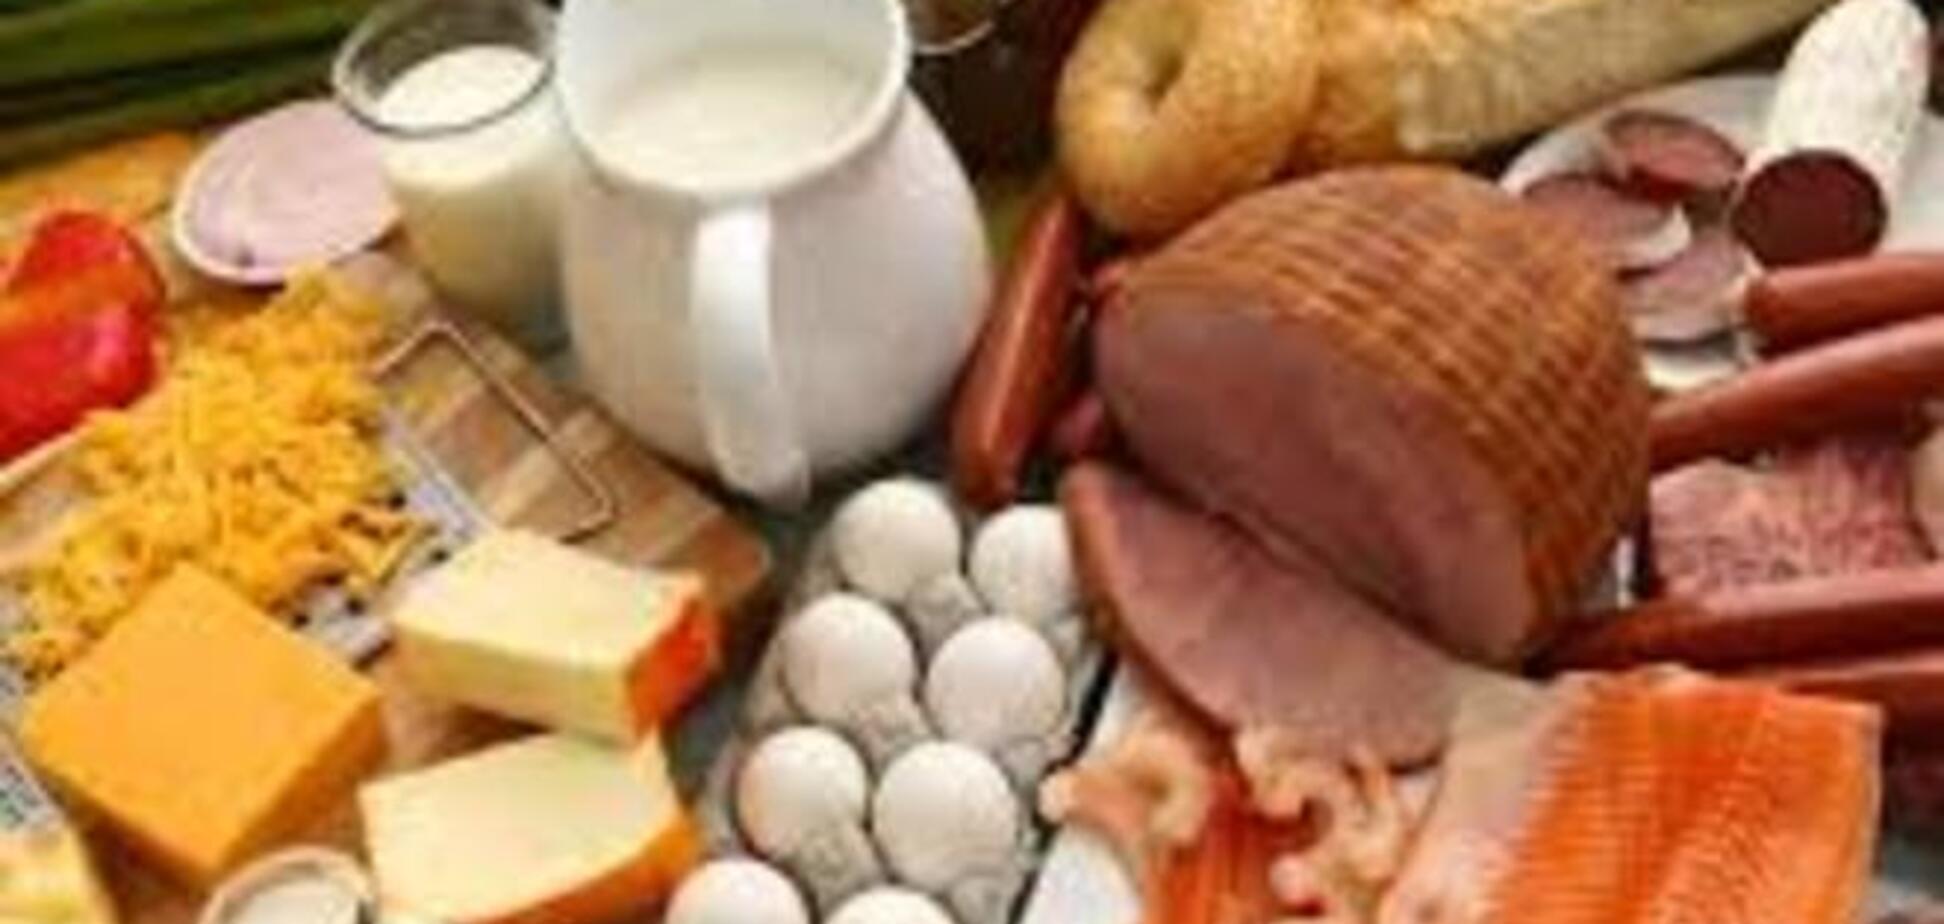 ОДА: Краматорск и Славянск продуктами питания обеспечены